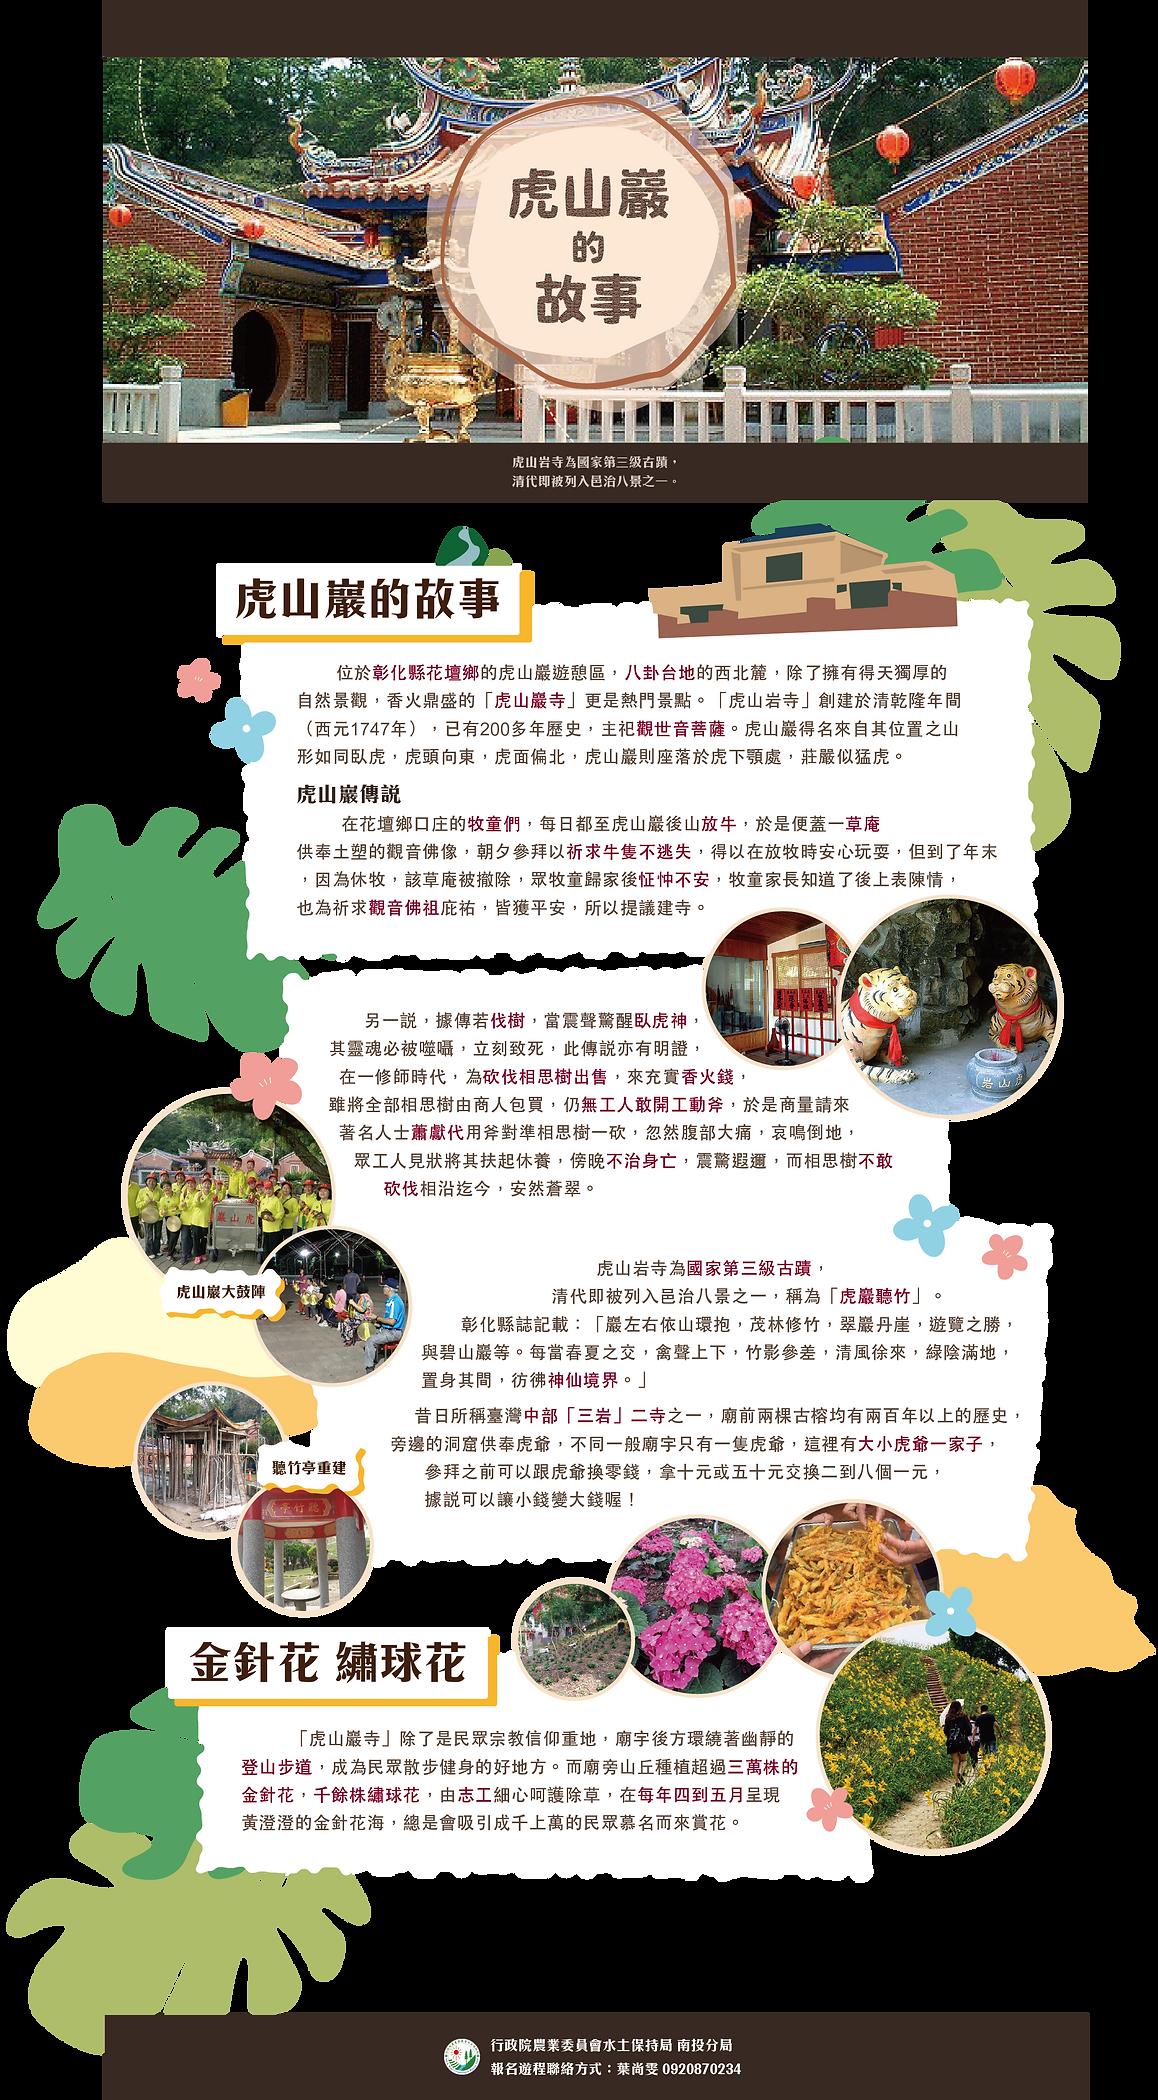 虎山藝術村網頁-虎山岩的故事-01.png